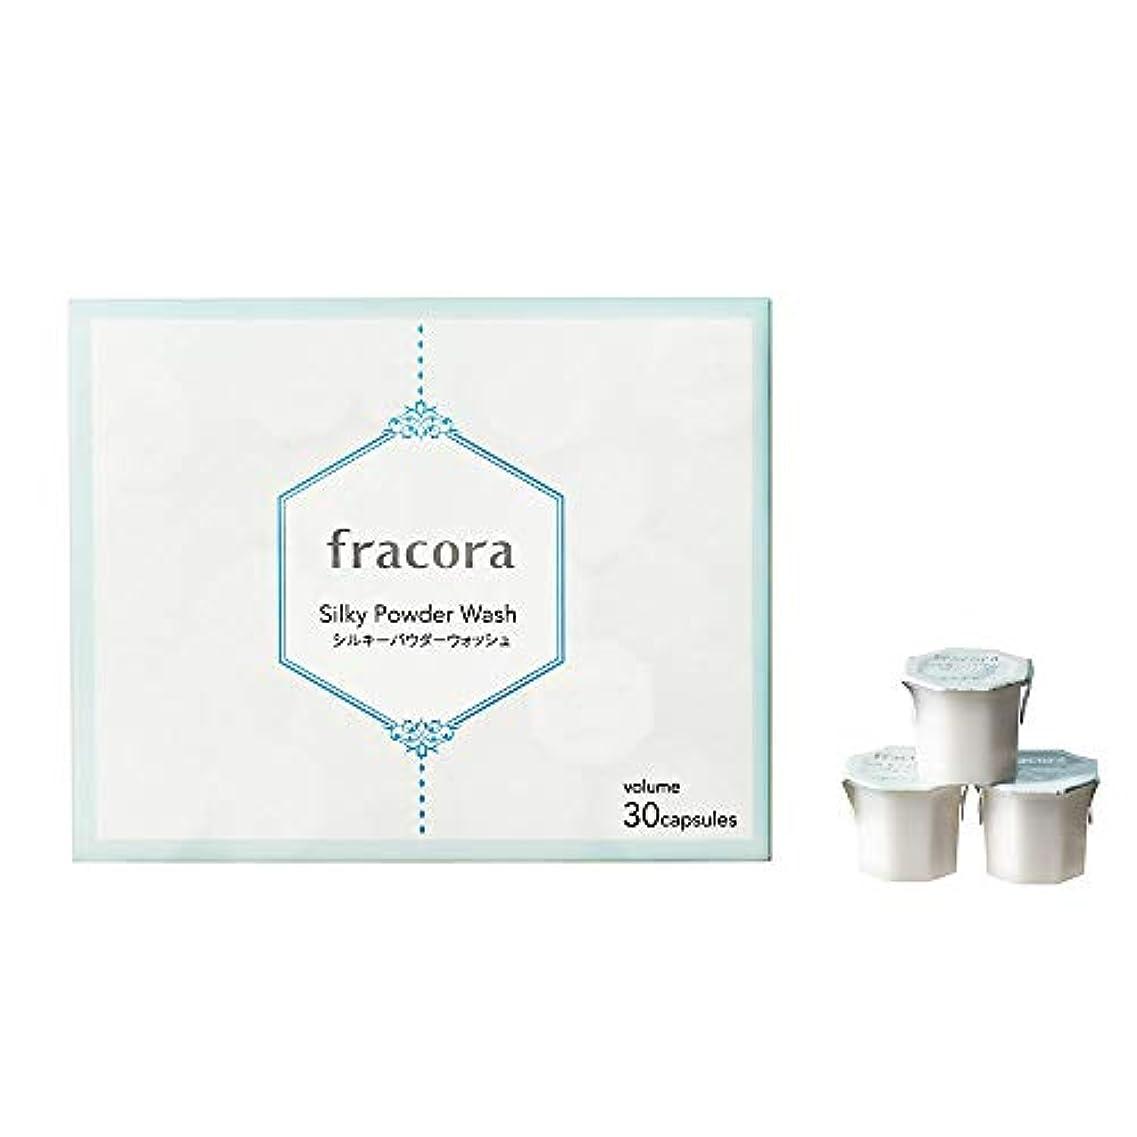 気性火炎港fracora(フラコラ) 酵素洗顔 シルキーパウダーウォッシュ 30カプセル入